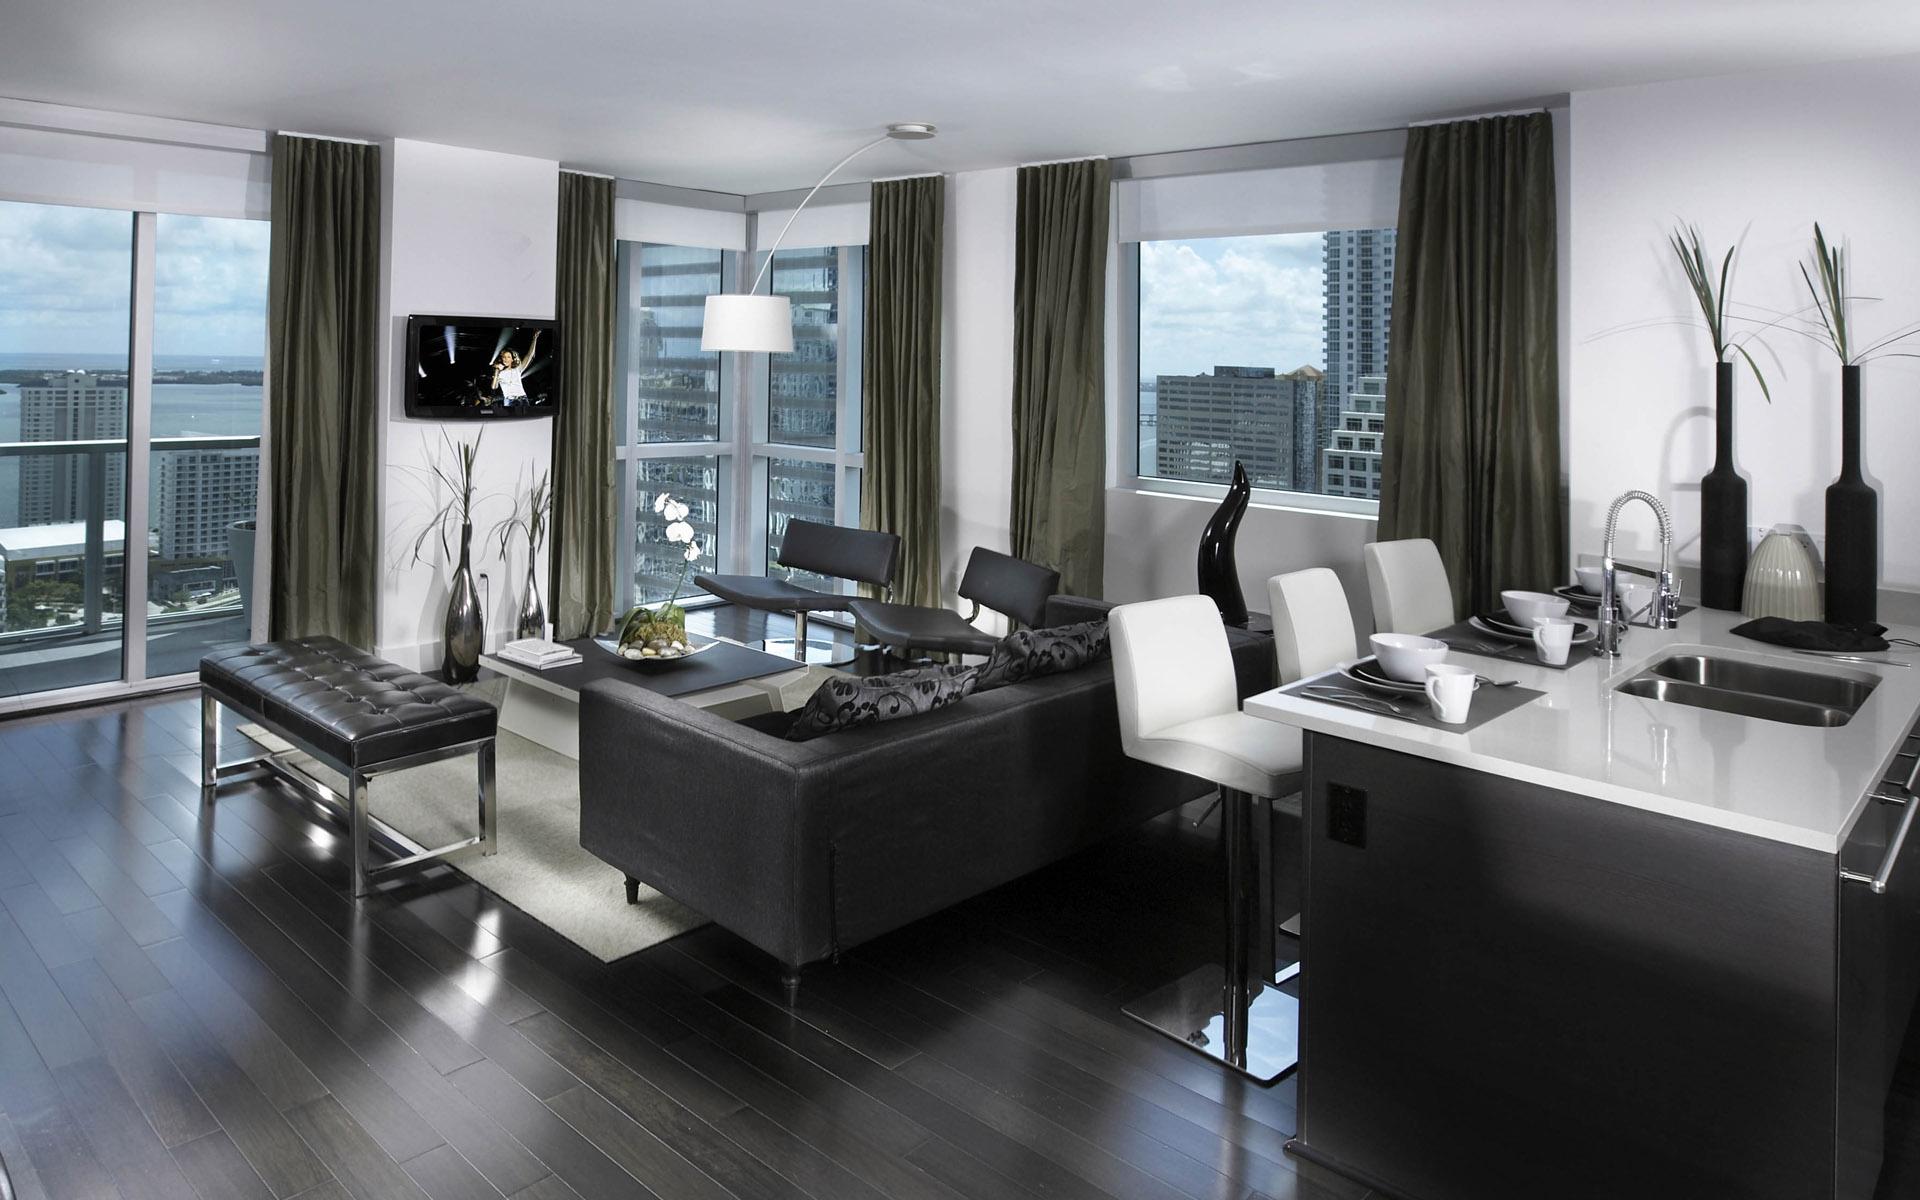 时尚的客厅装修效果图高清图片素材2(20p)[中国资源